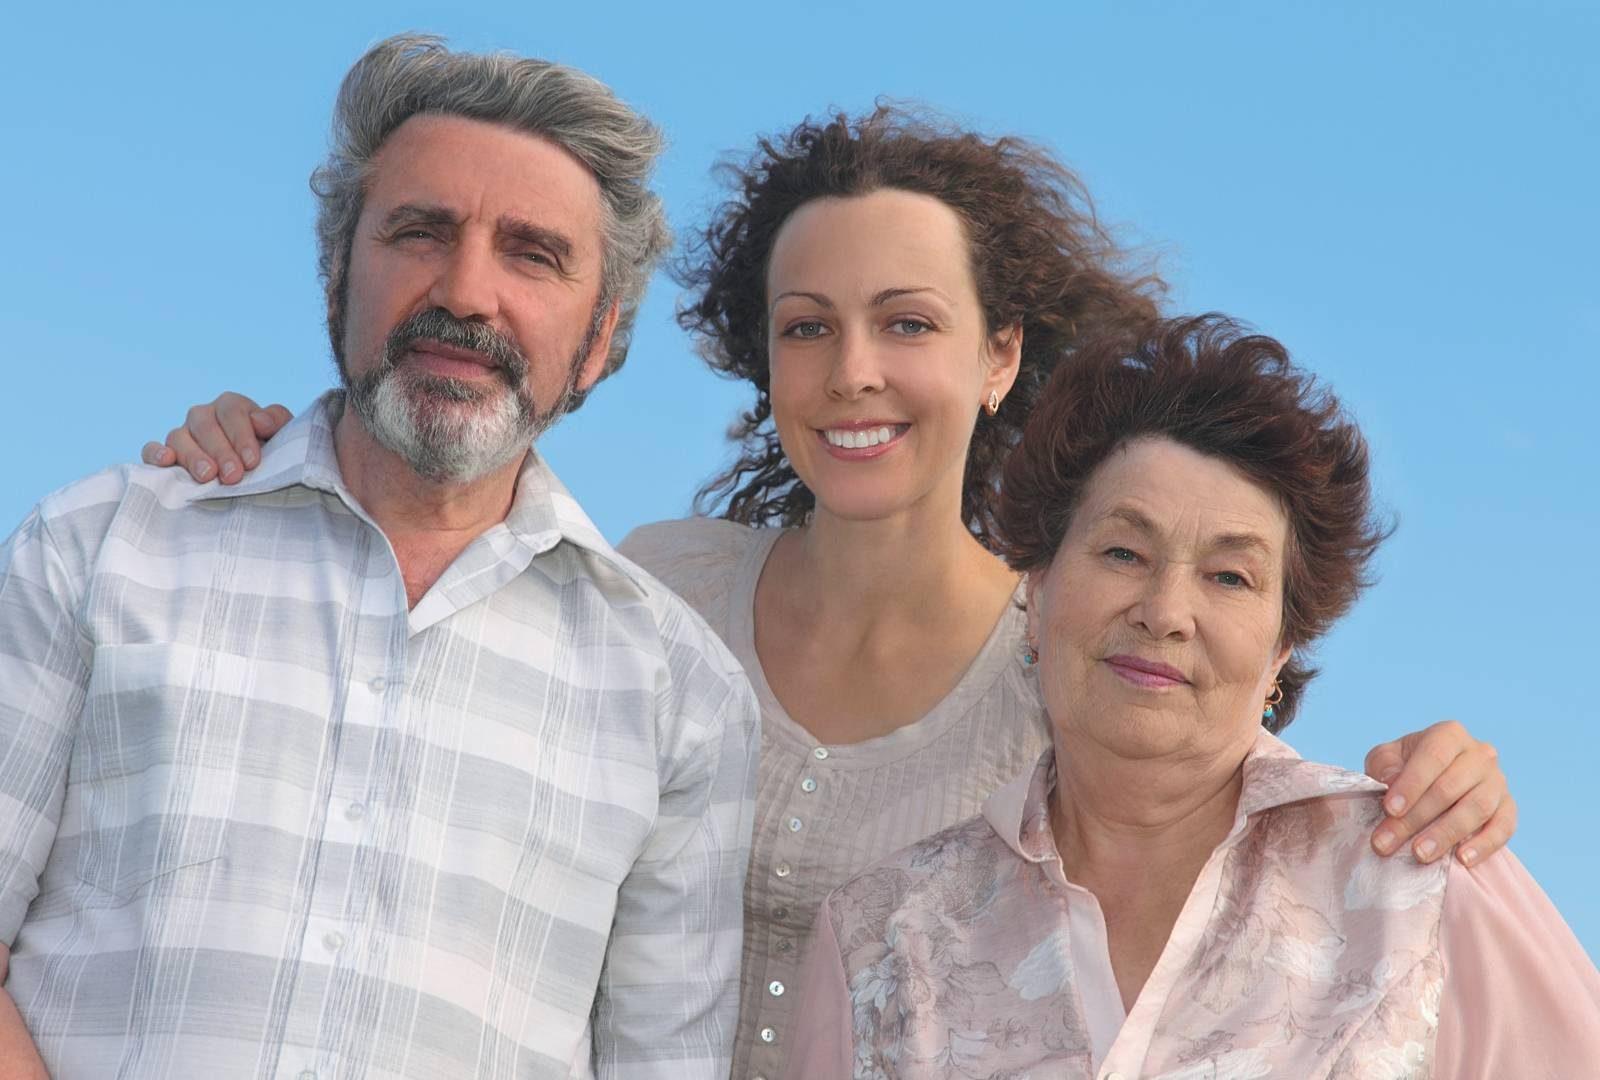 Cтоматология для всей семьи в клинике семейной стоматологии